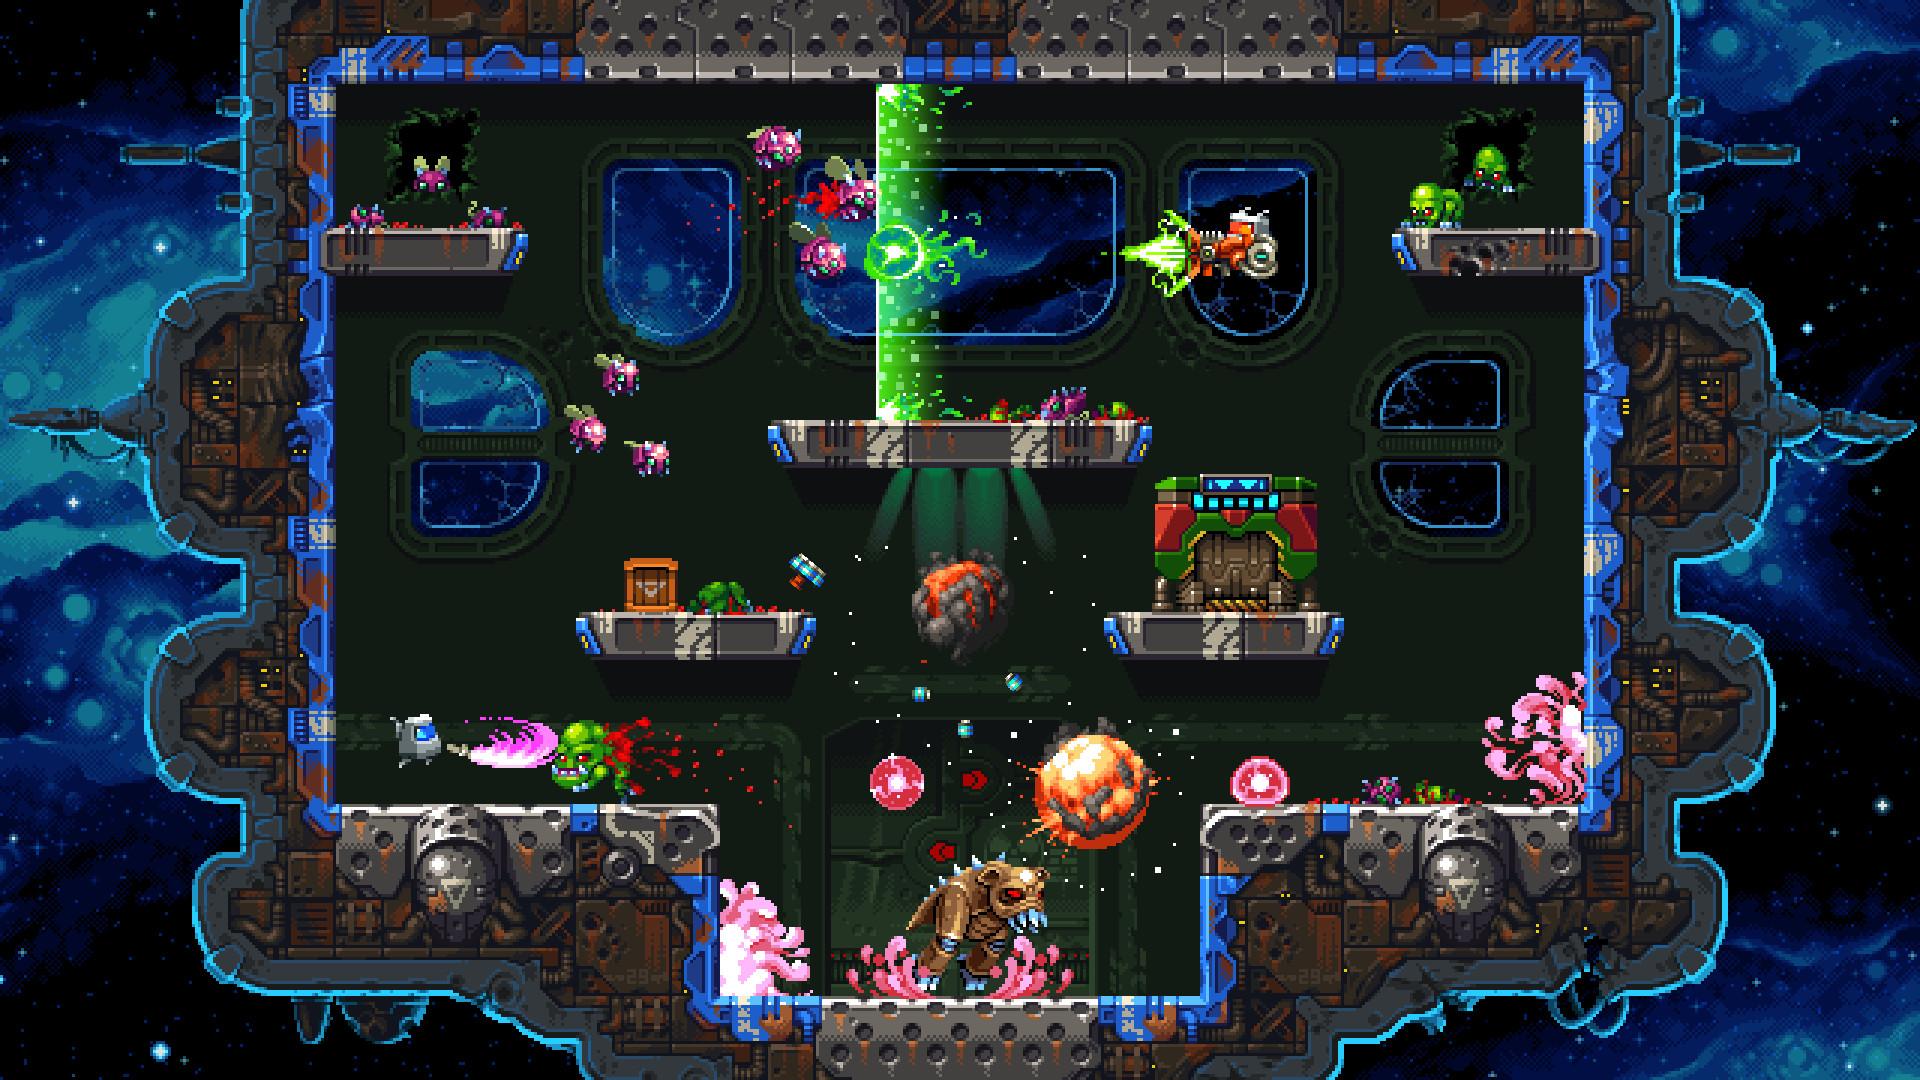 Super Mutant Alien Assault screenshot